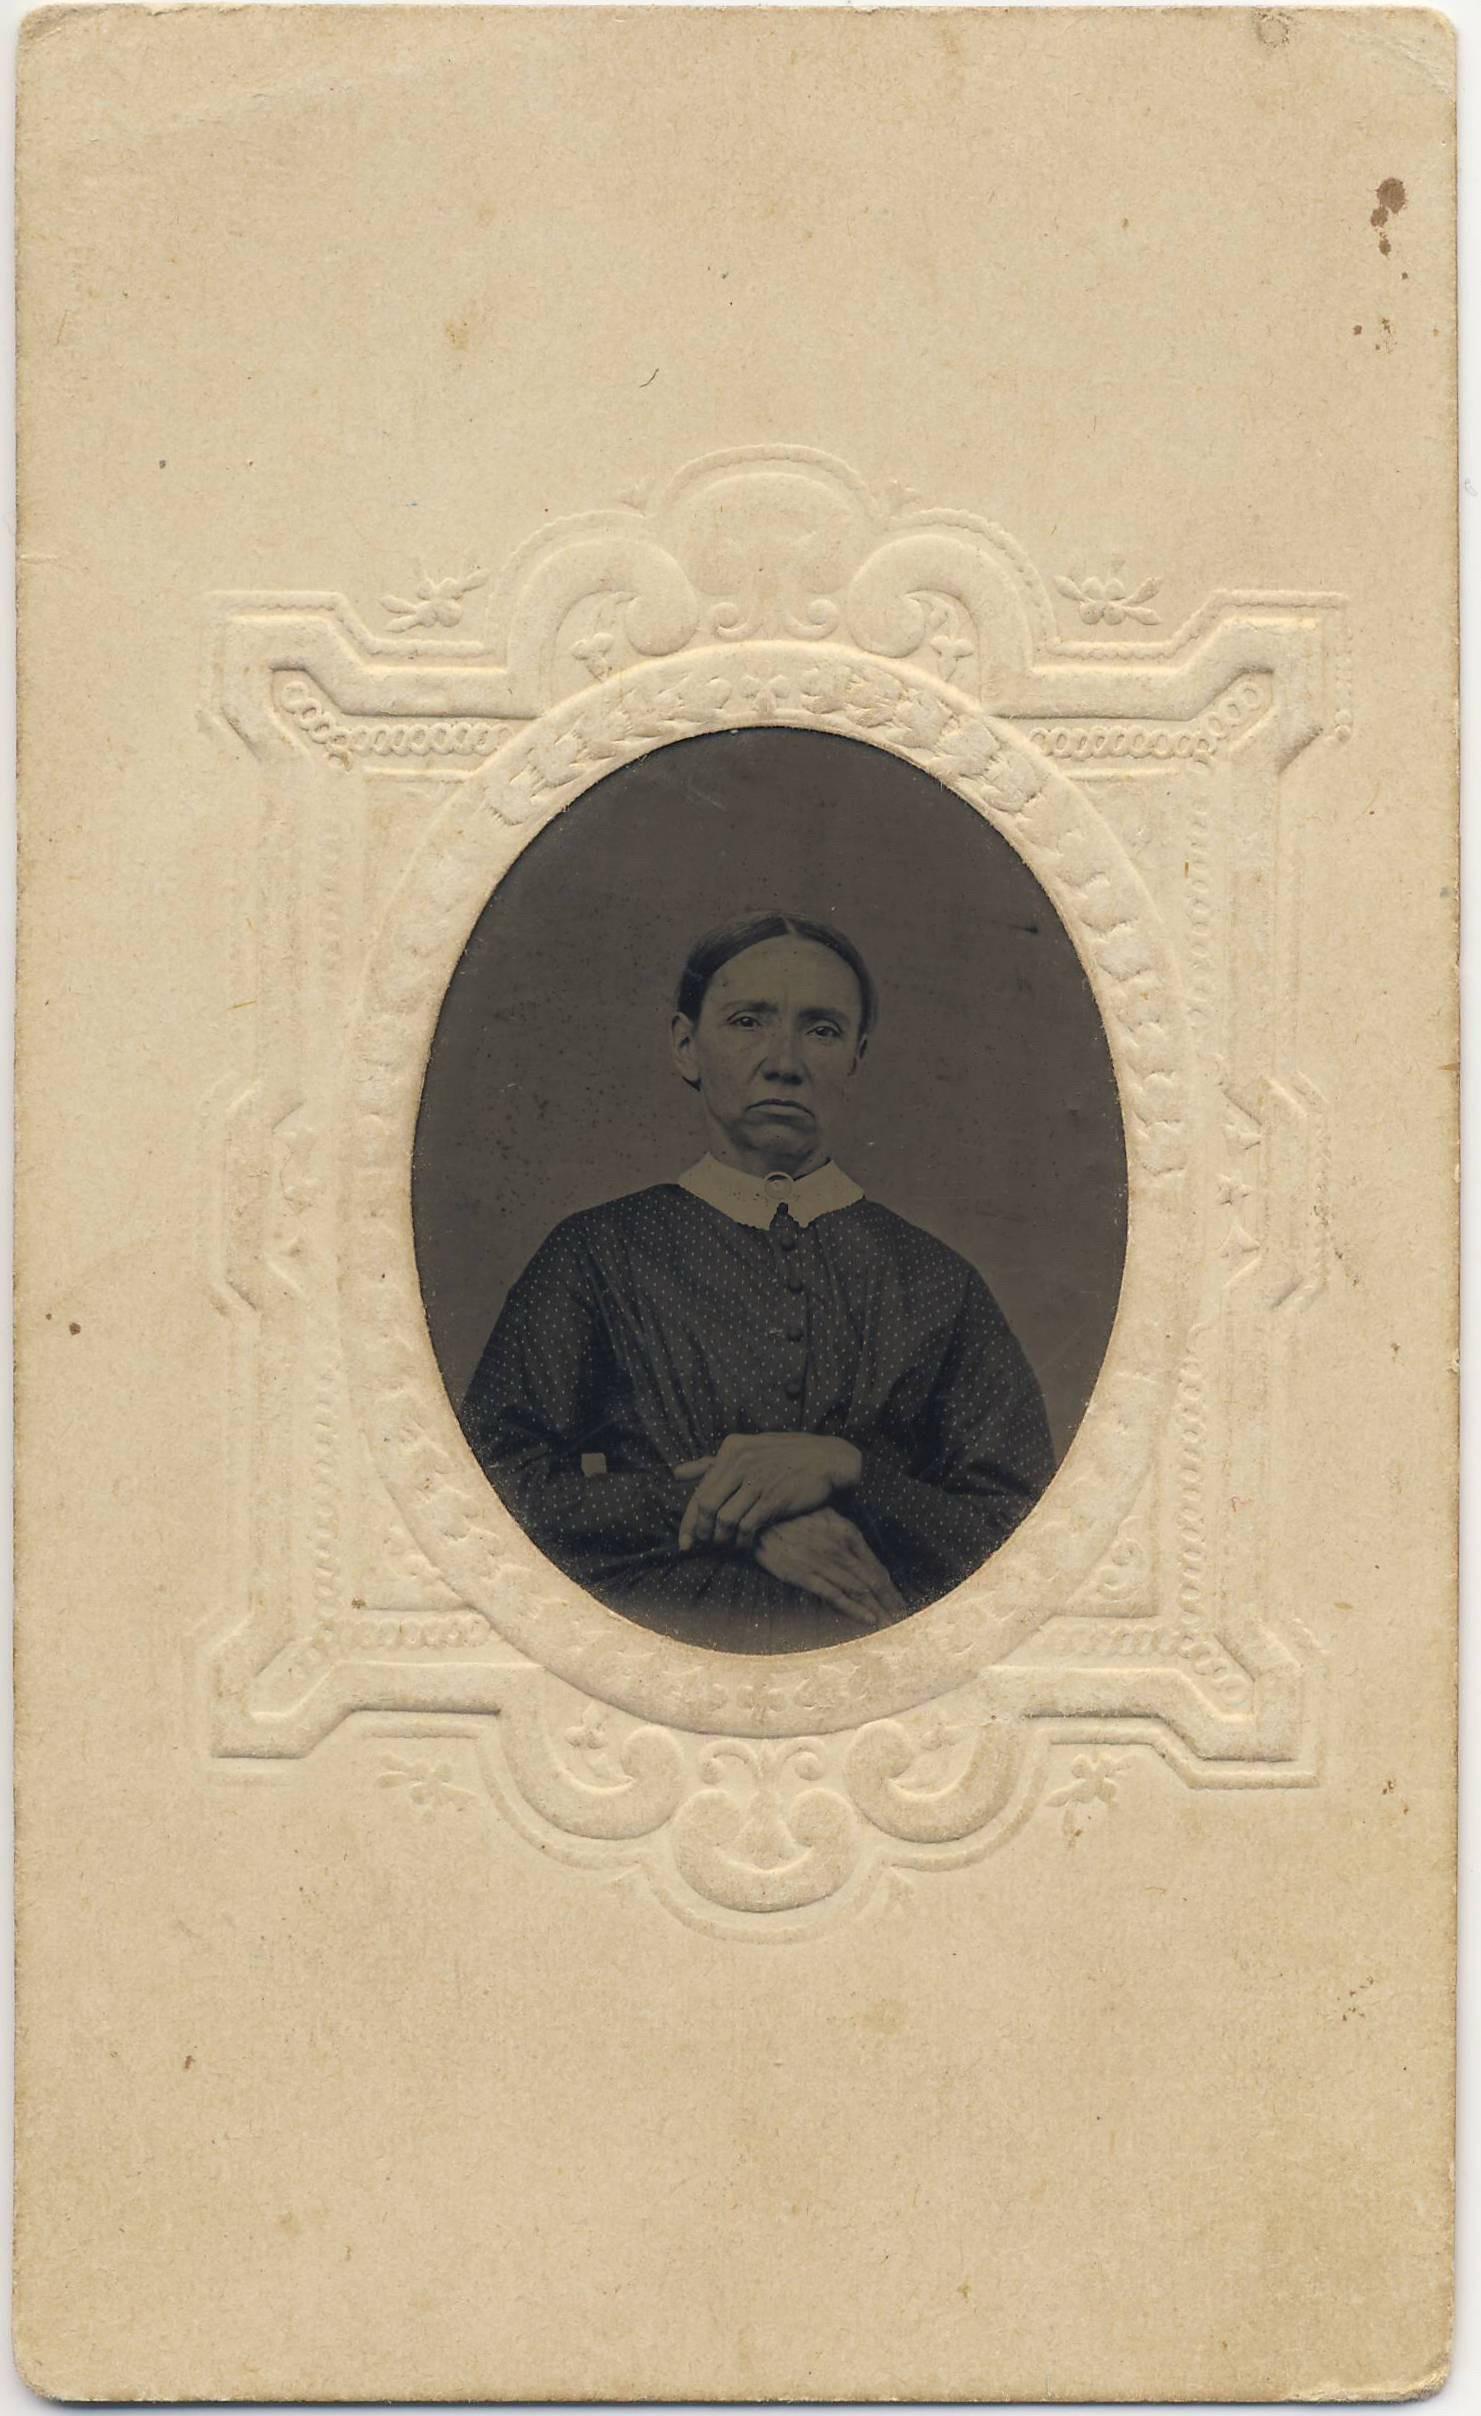 Drusilla Anderson